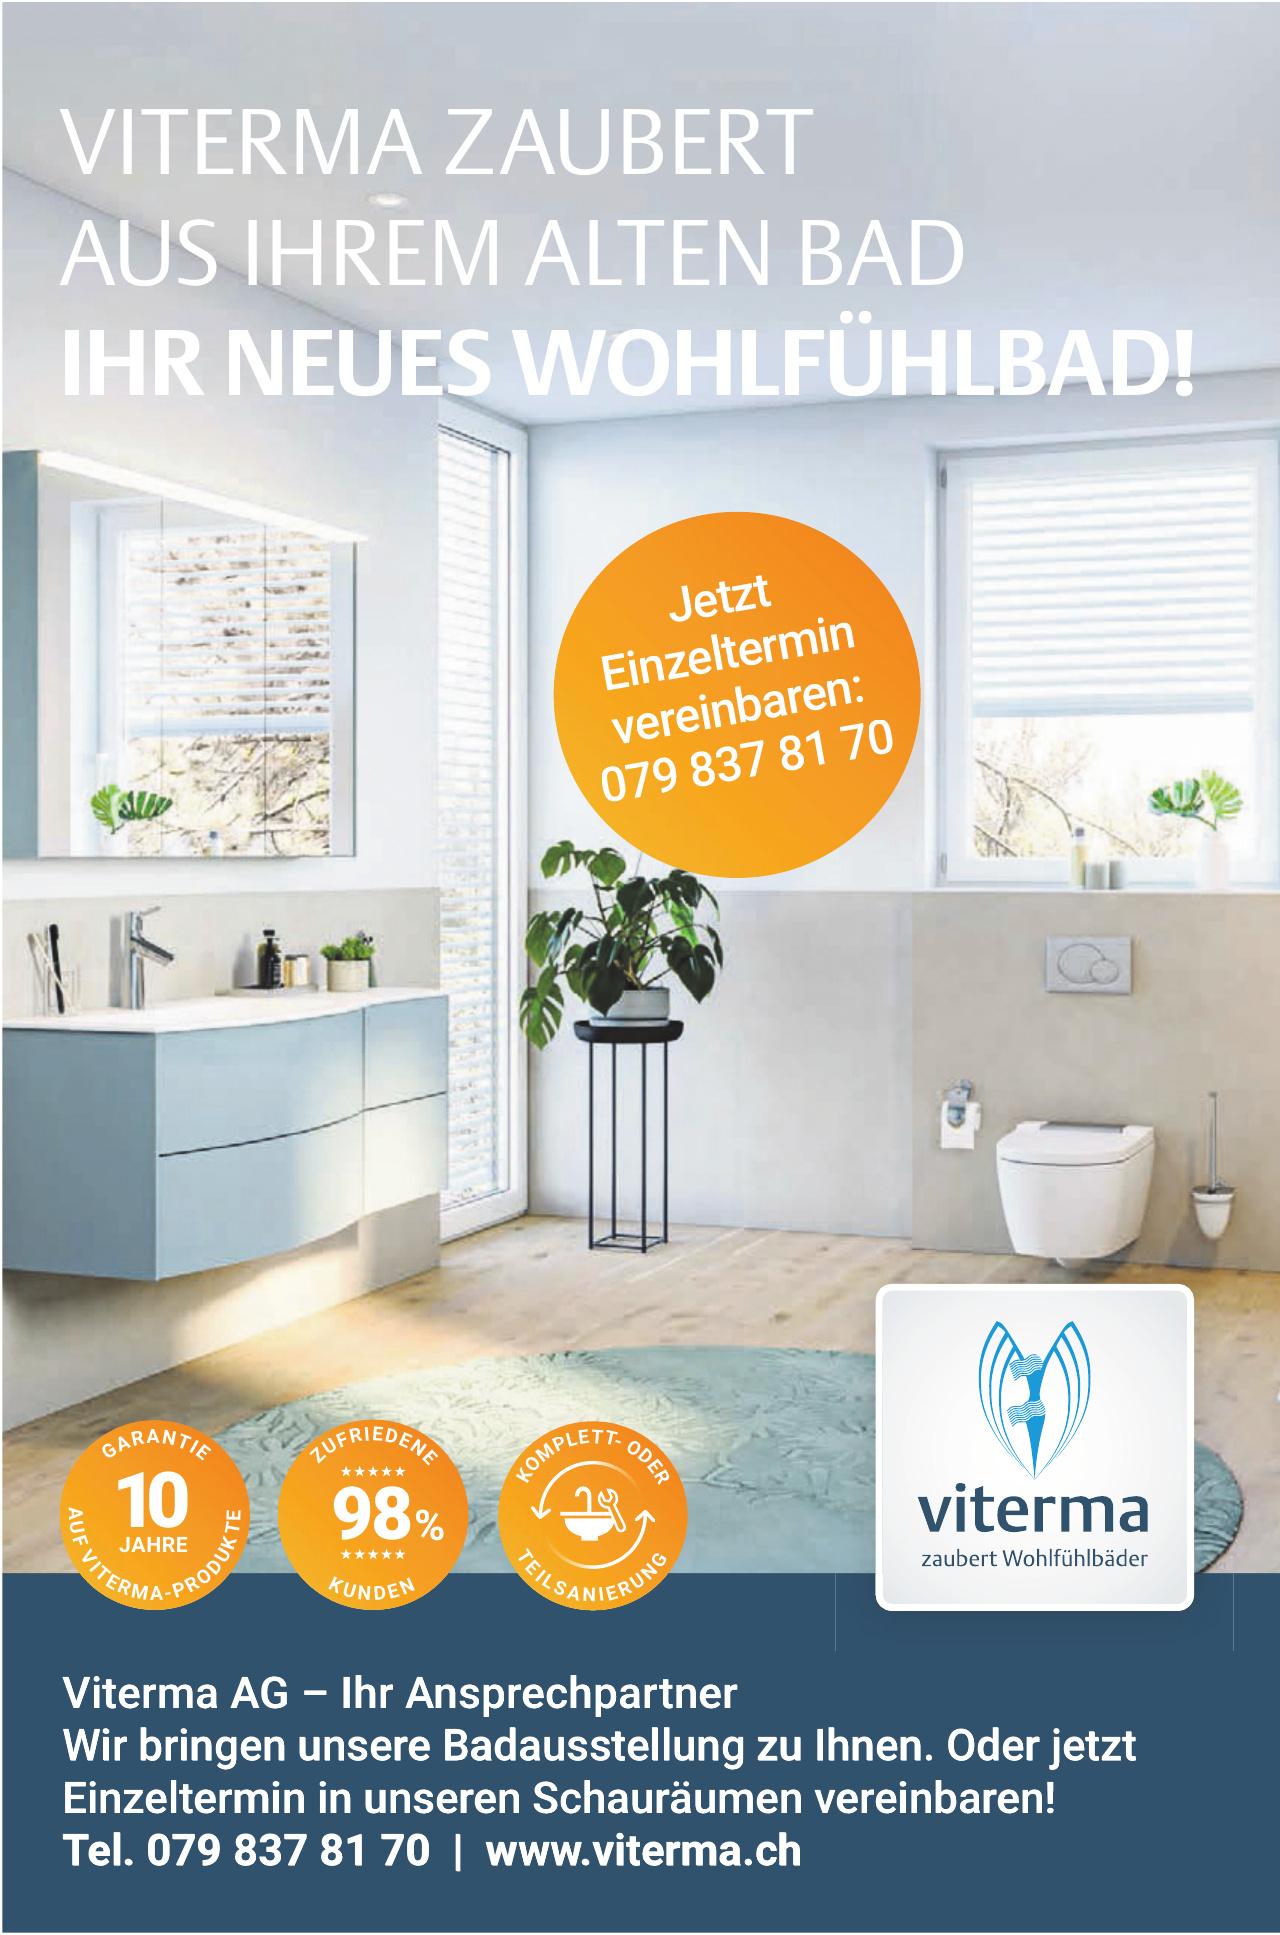 Viterma AG